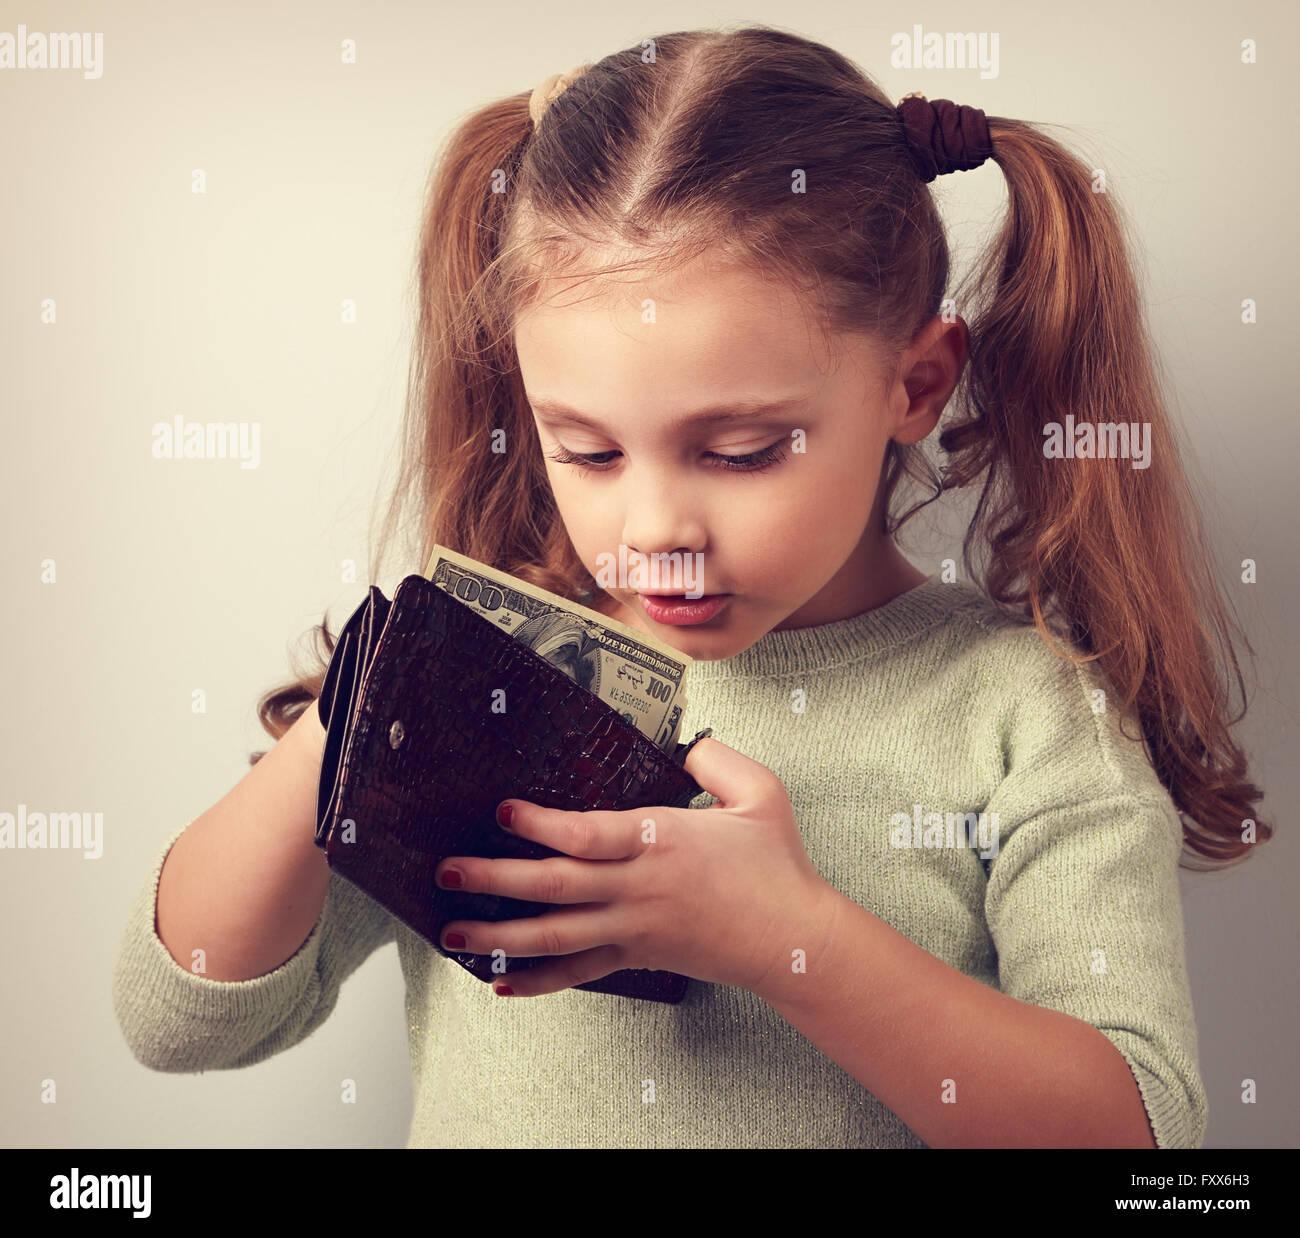 Niedliche überraschend kleines Kind Mädchen auf der Suche in Mutter Brieftasche und wollen Geld zu nehmen. Stockbild